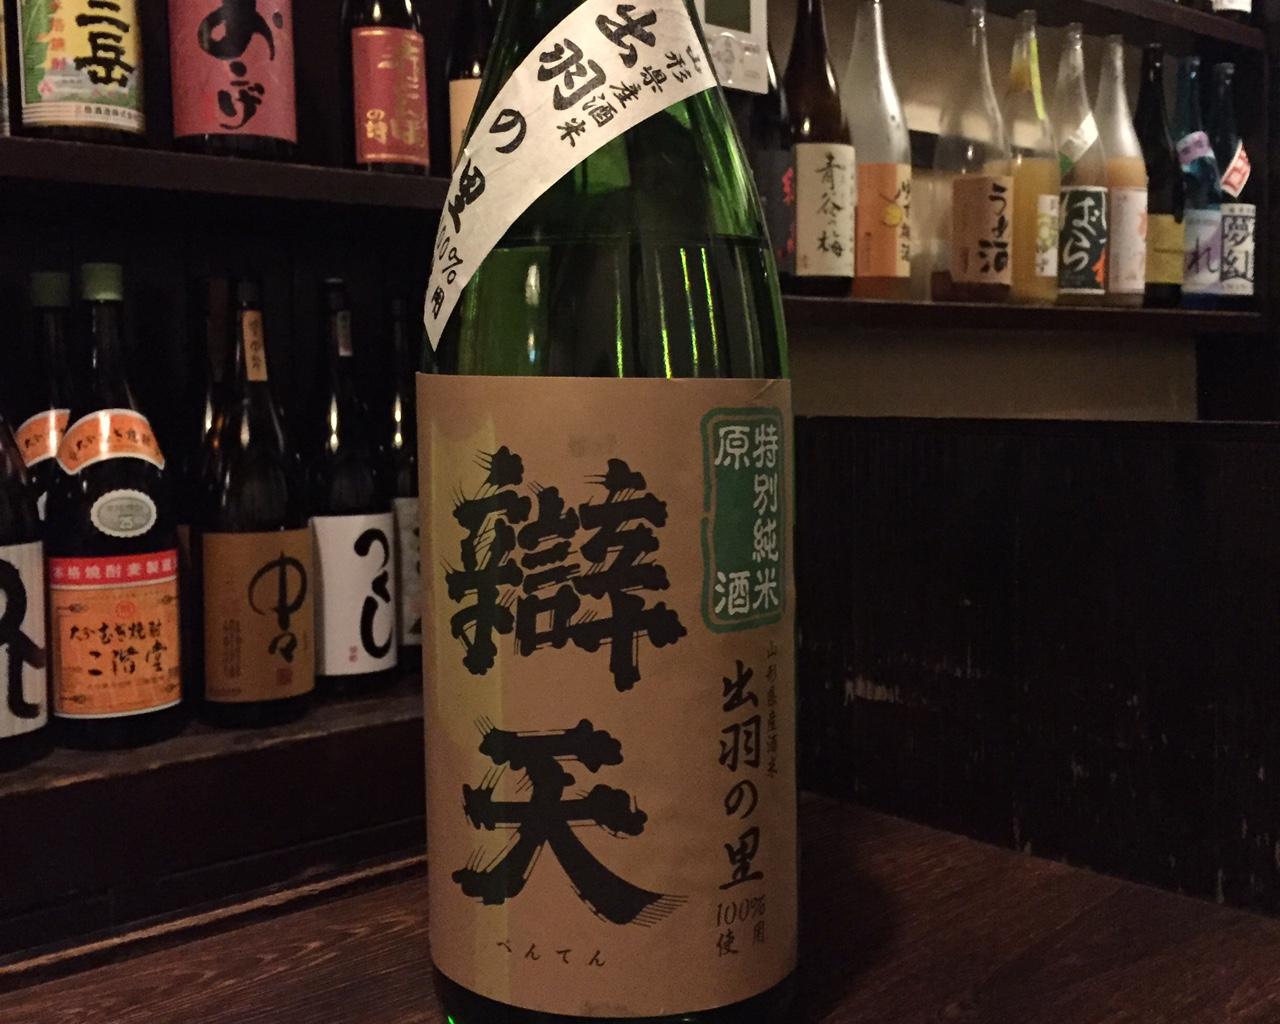 辯天 特別純米原酒【山形セレクション認定酒】_d0205957_0575132.jpg